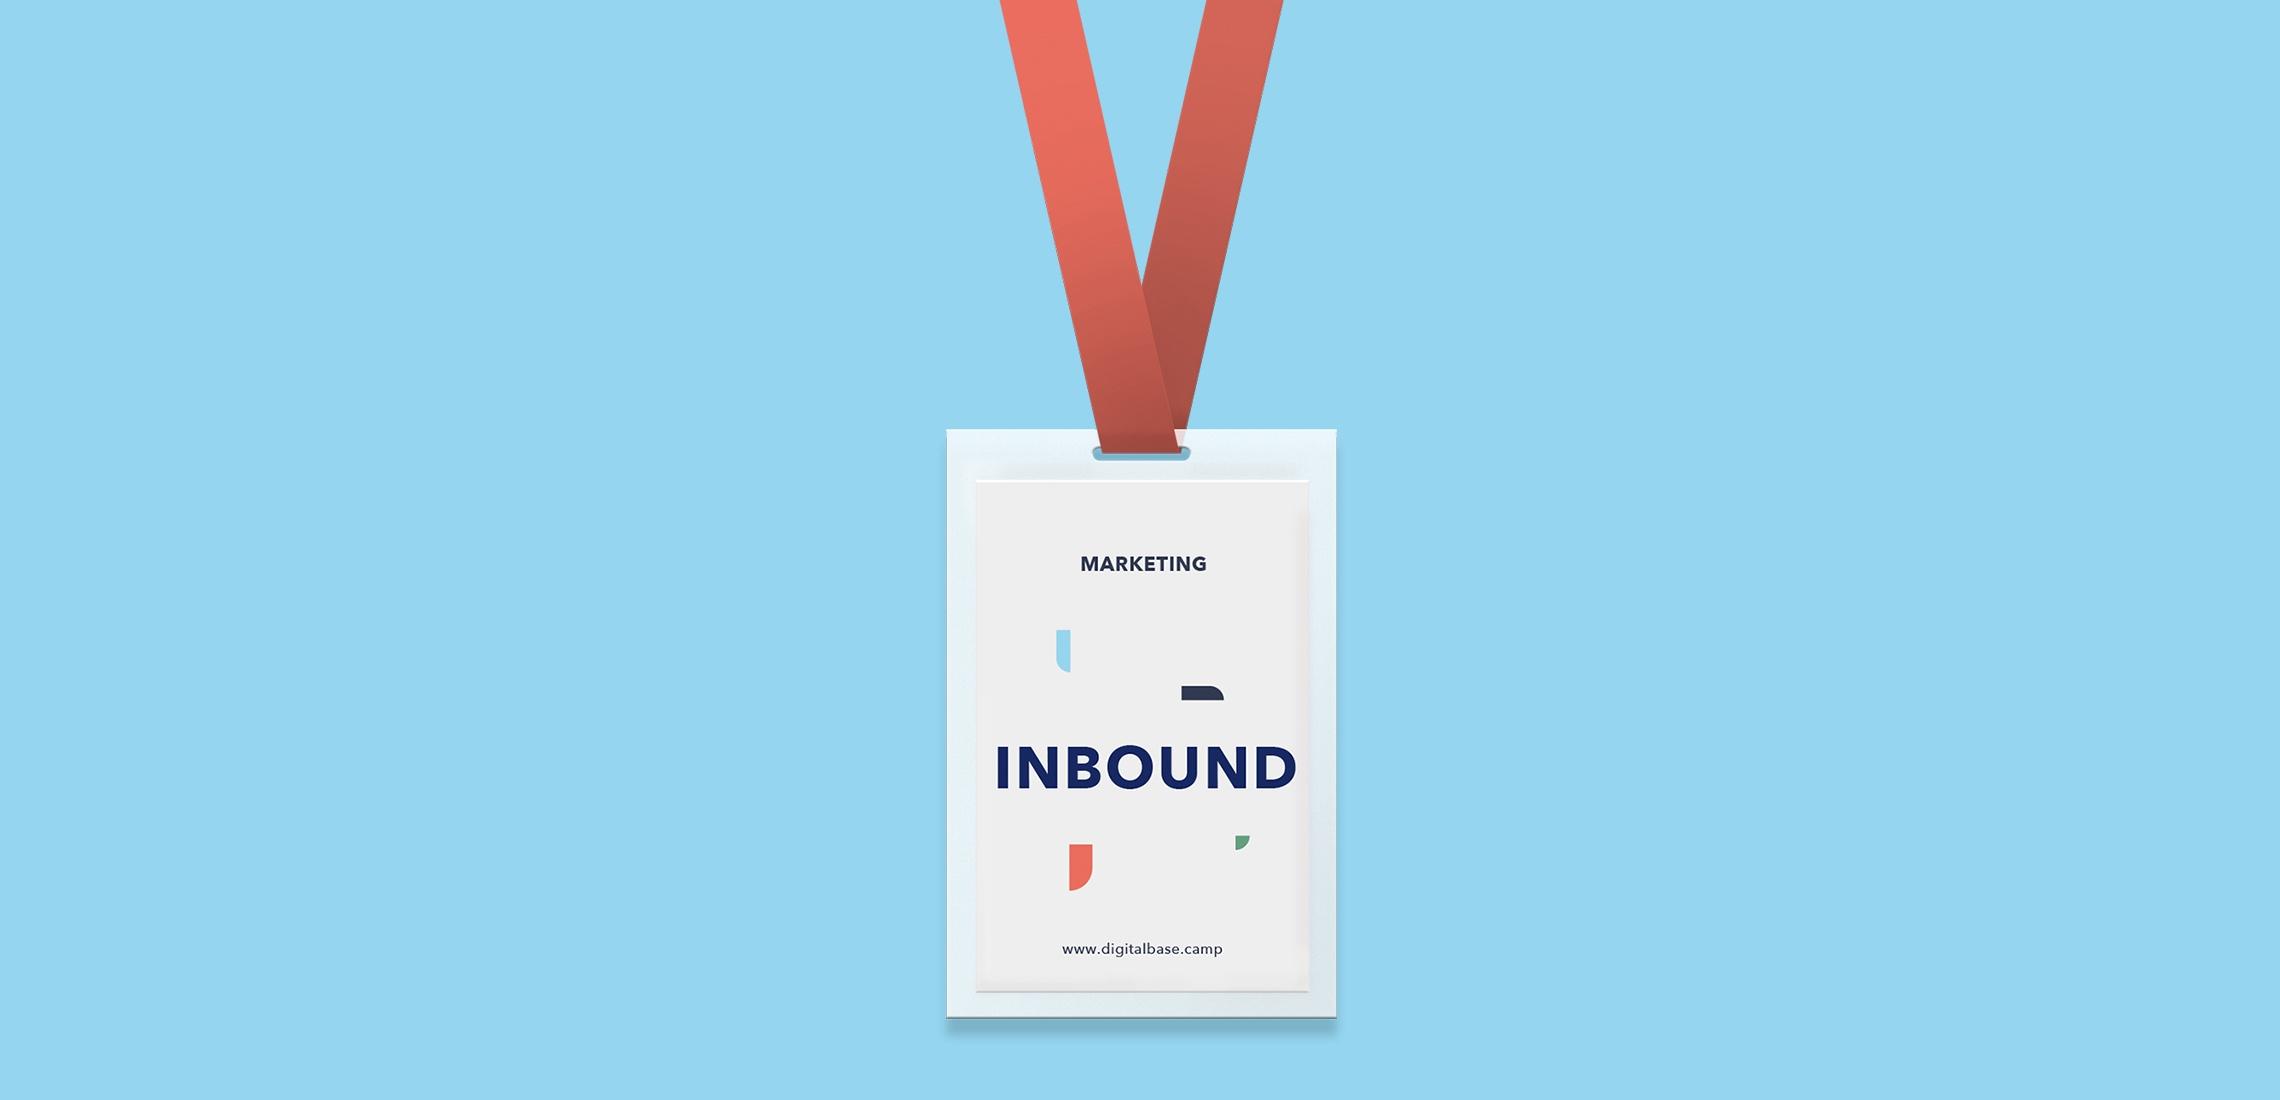 """""""Inbound Marketing"""" ตัวจริงที่นักการตลาดรุ่นใหม่ต้องวิ่งตาม"""